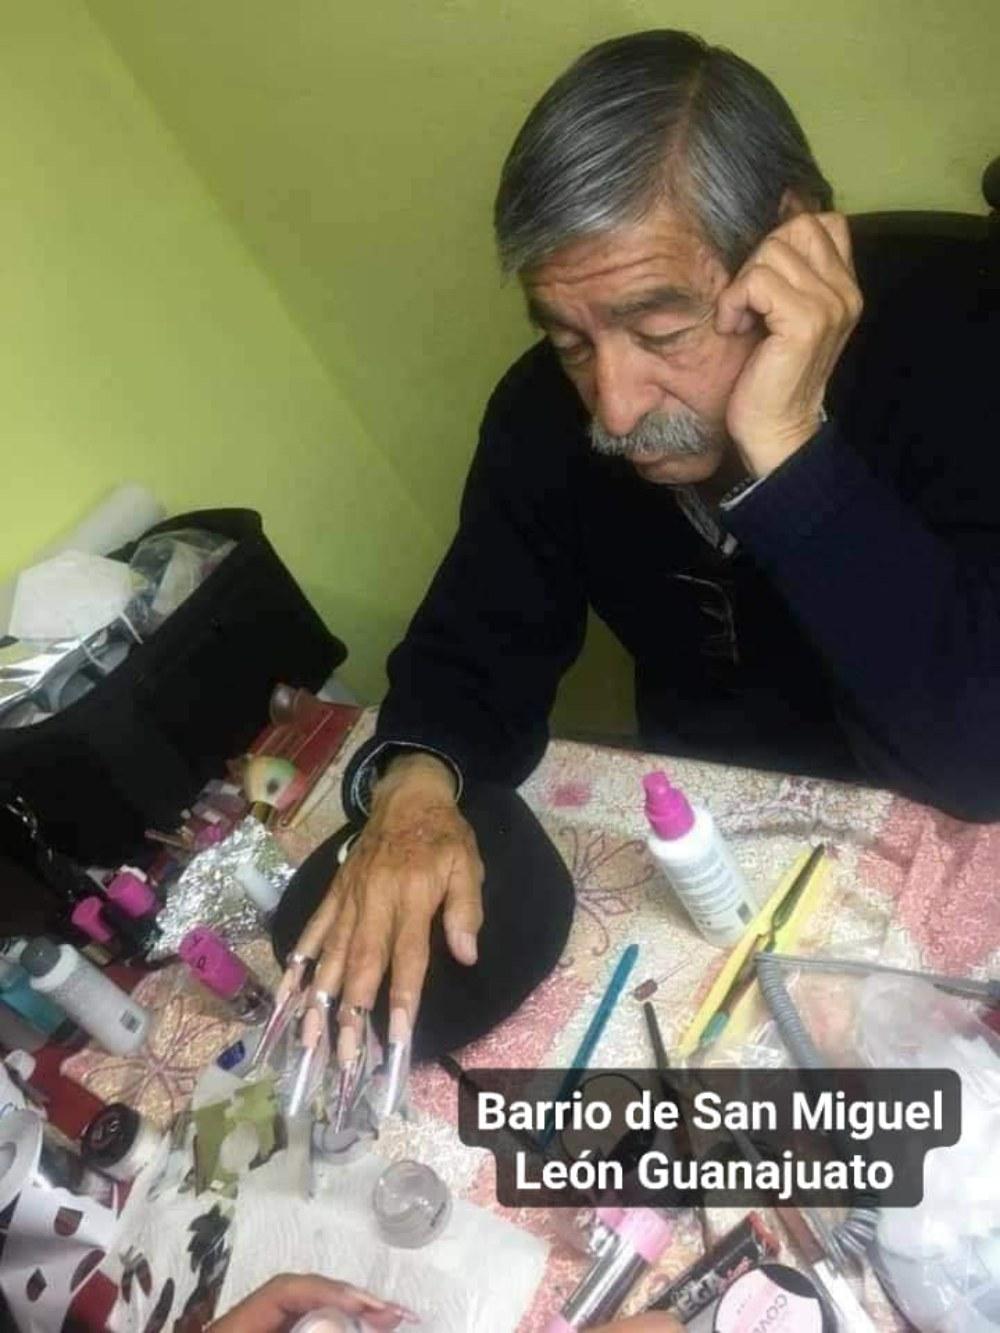 papá se presta a ser modelo de uñas por amor a su hija